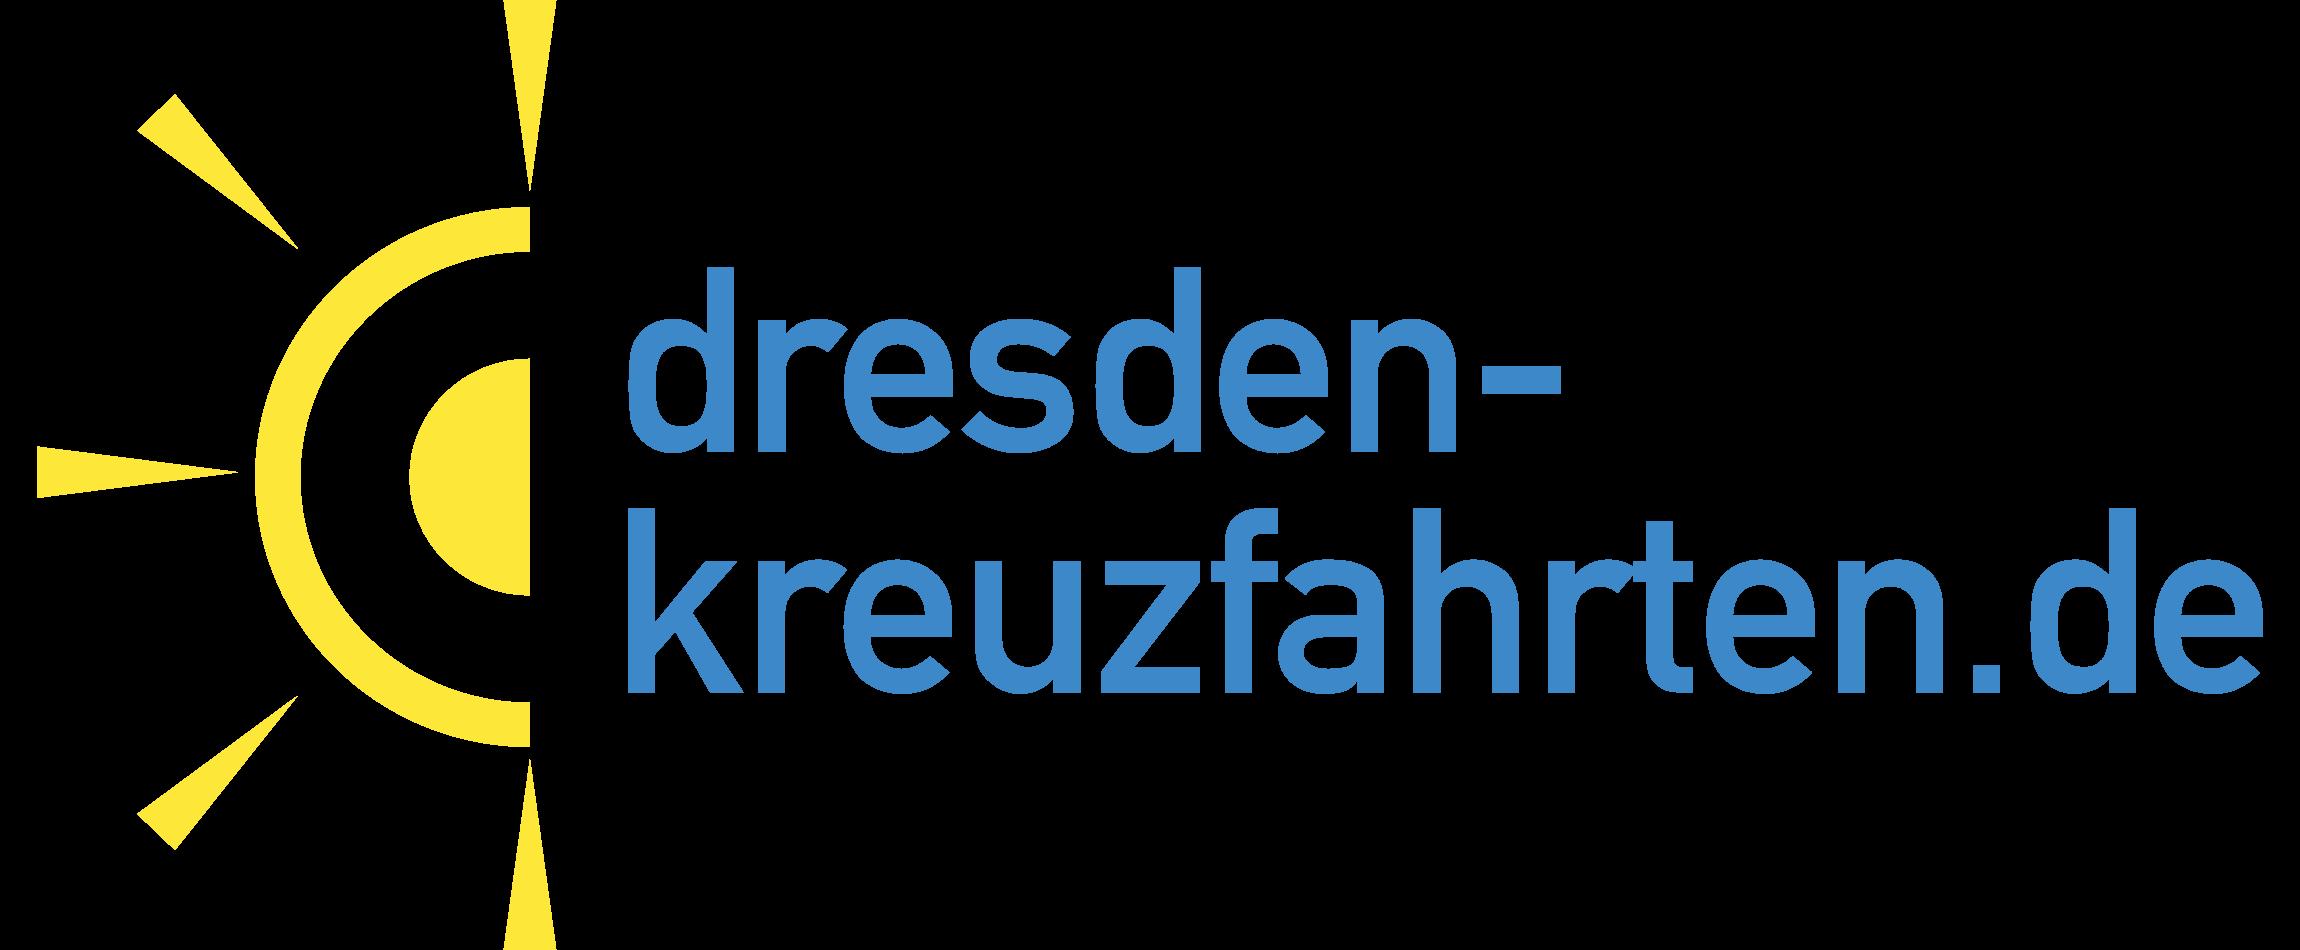 dresden-kreuzfahrten.de